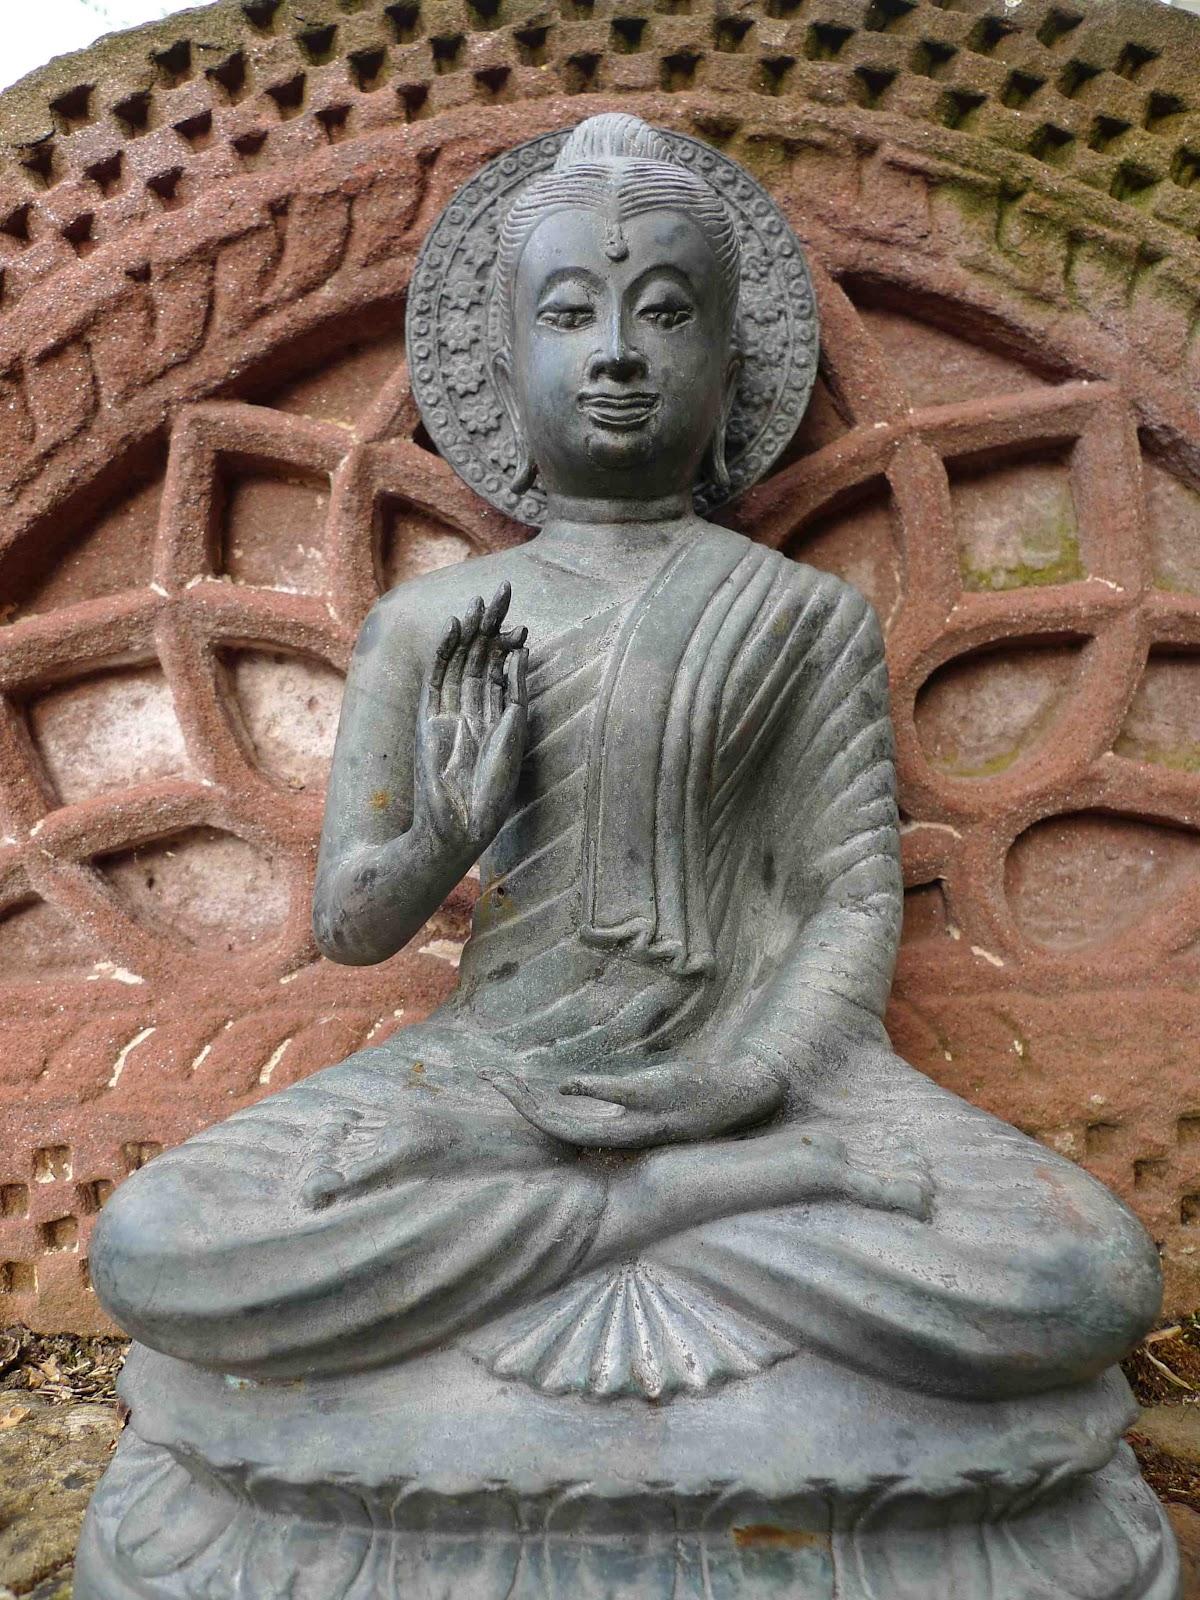 construir gruta jardim : construir gruta jardim:Um tailandês Buddha-se no alto da parede no meu jardim